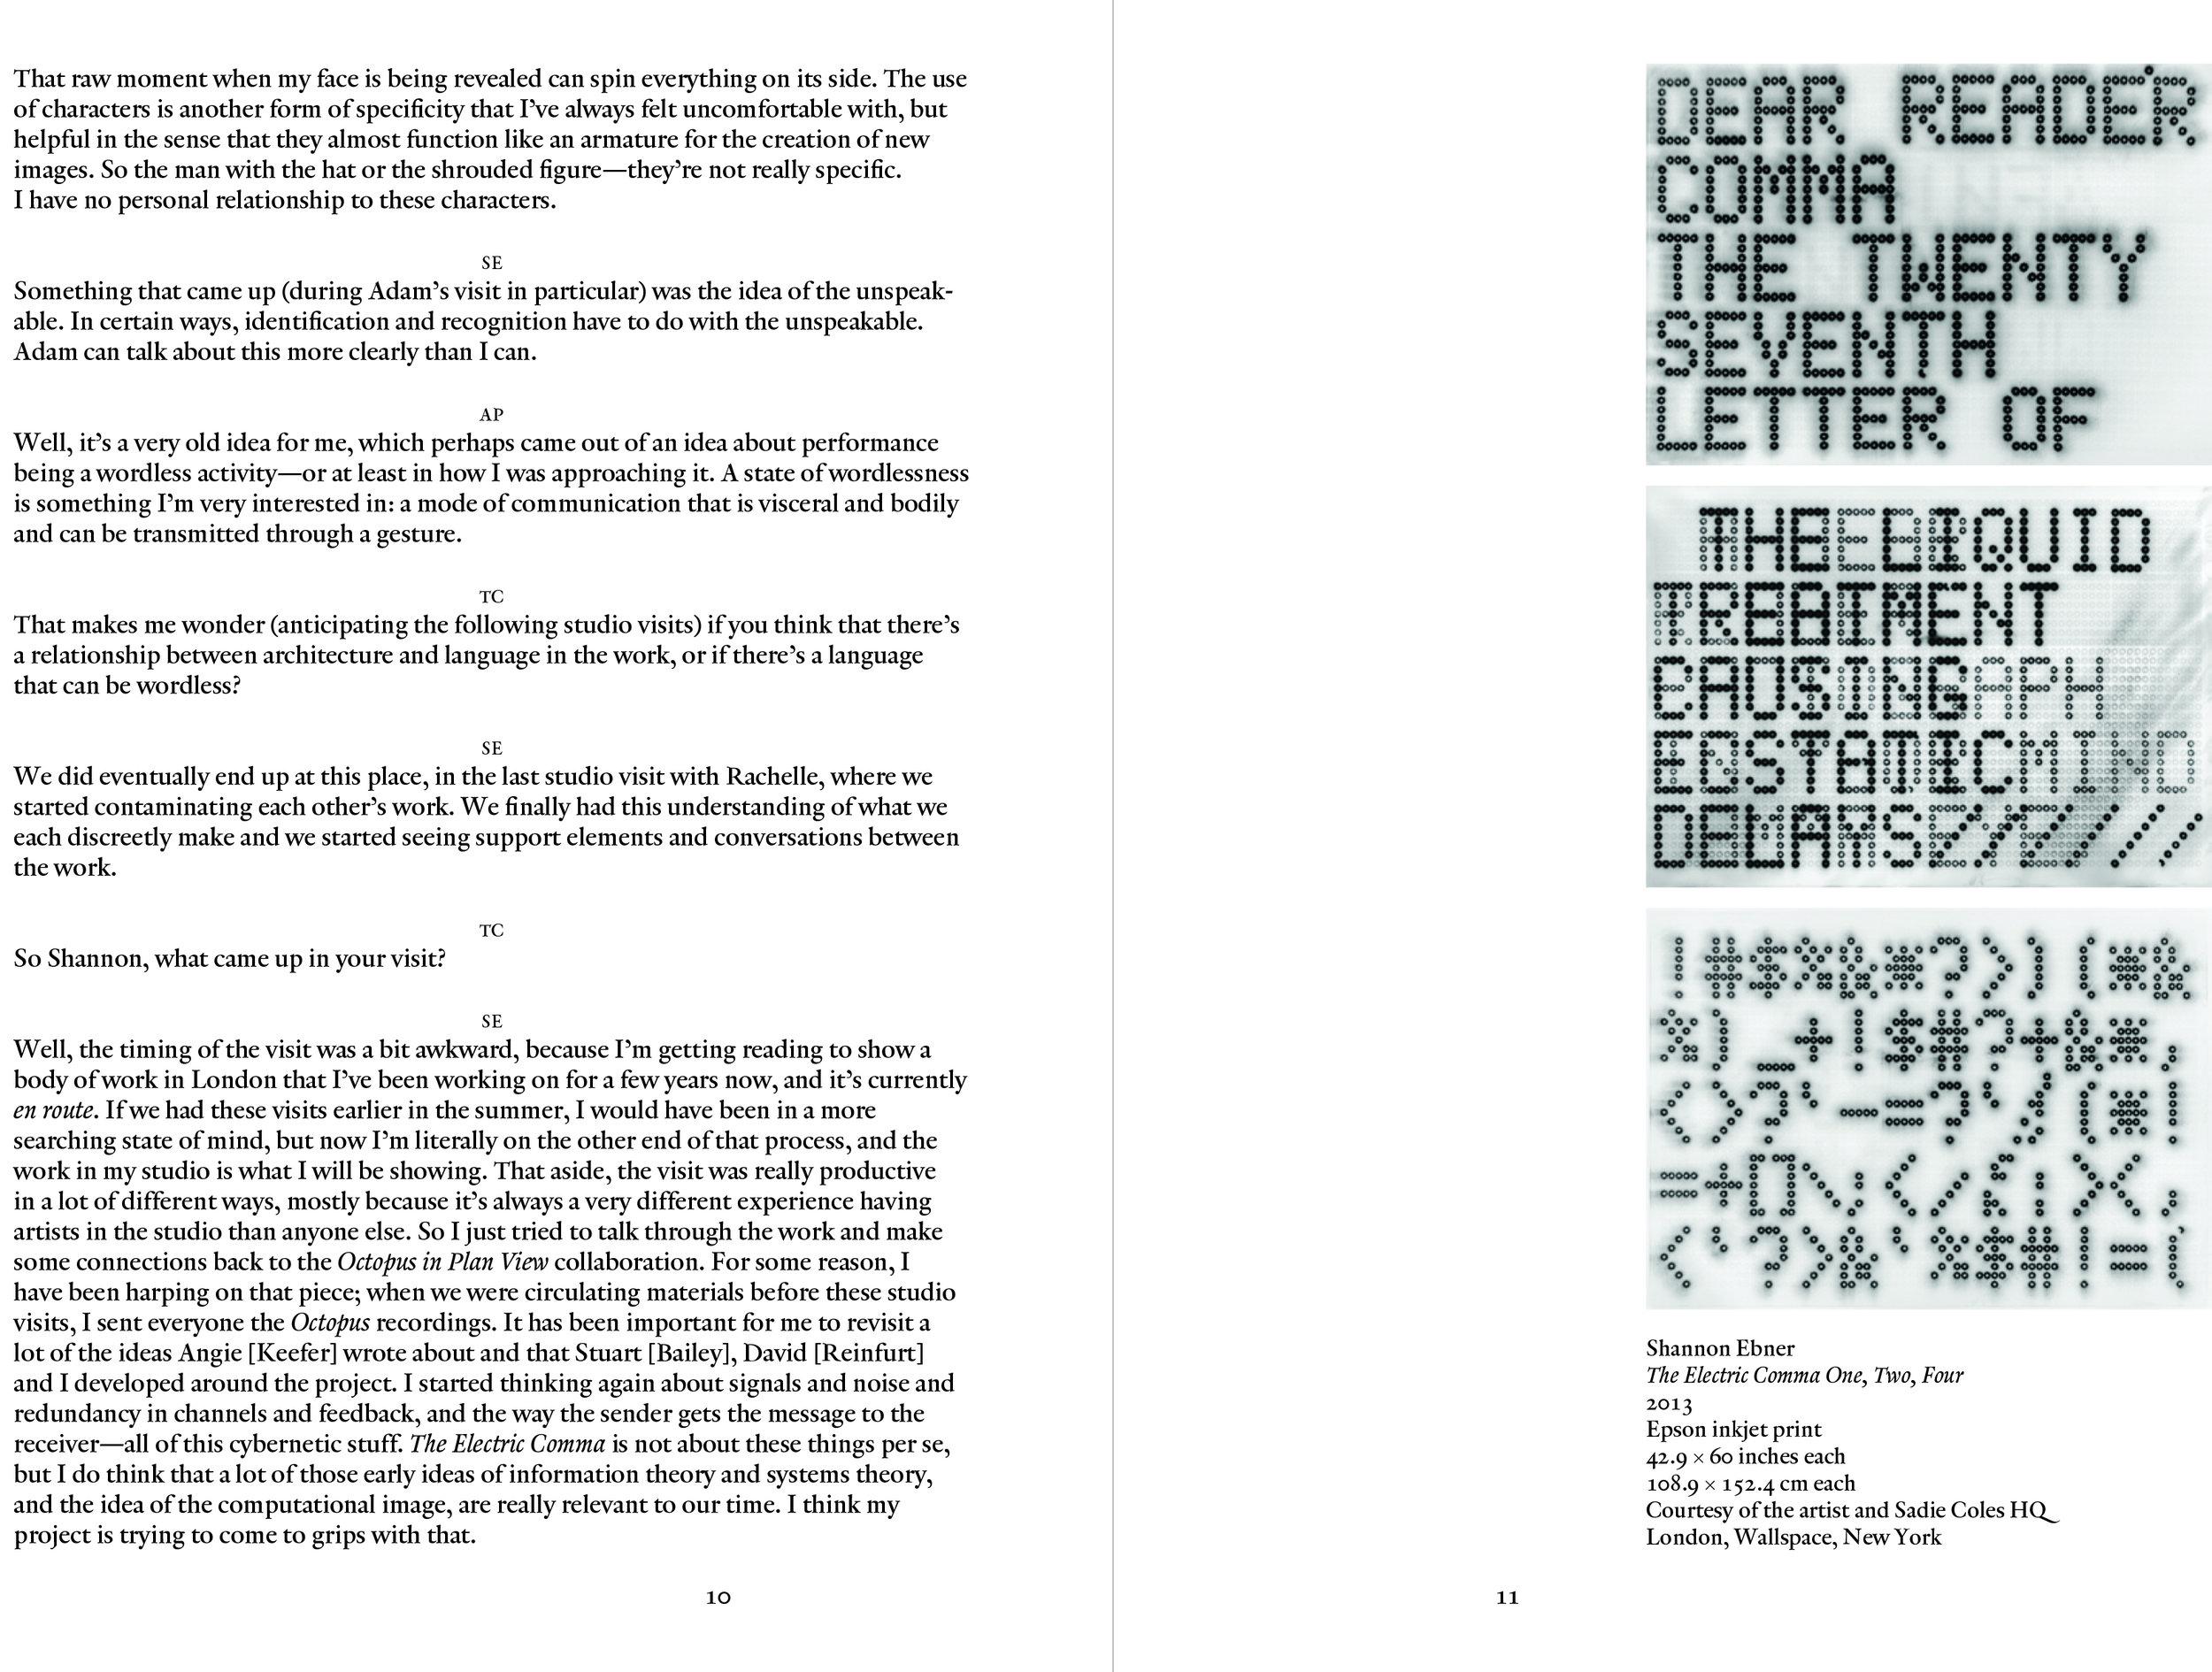 AE_HP_3.pdf-9.jpg